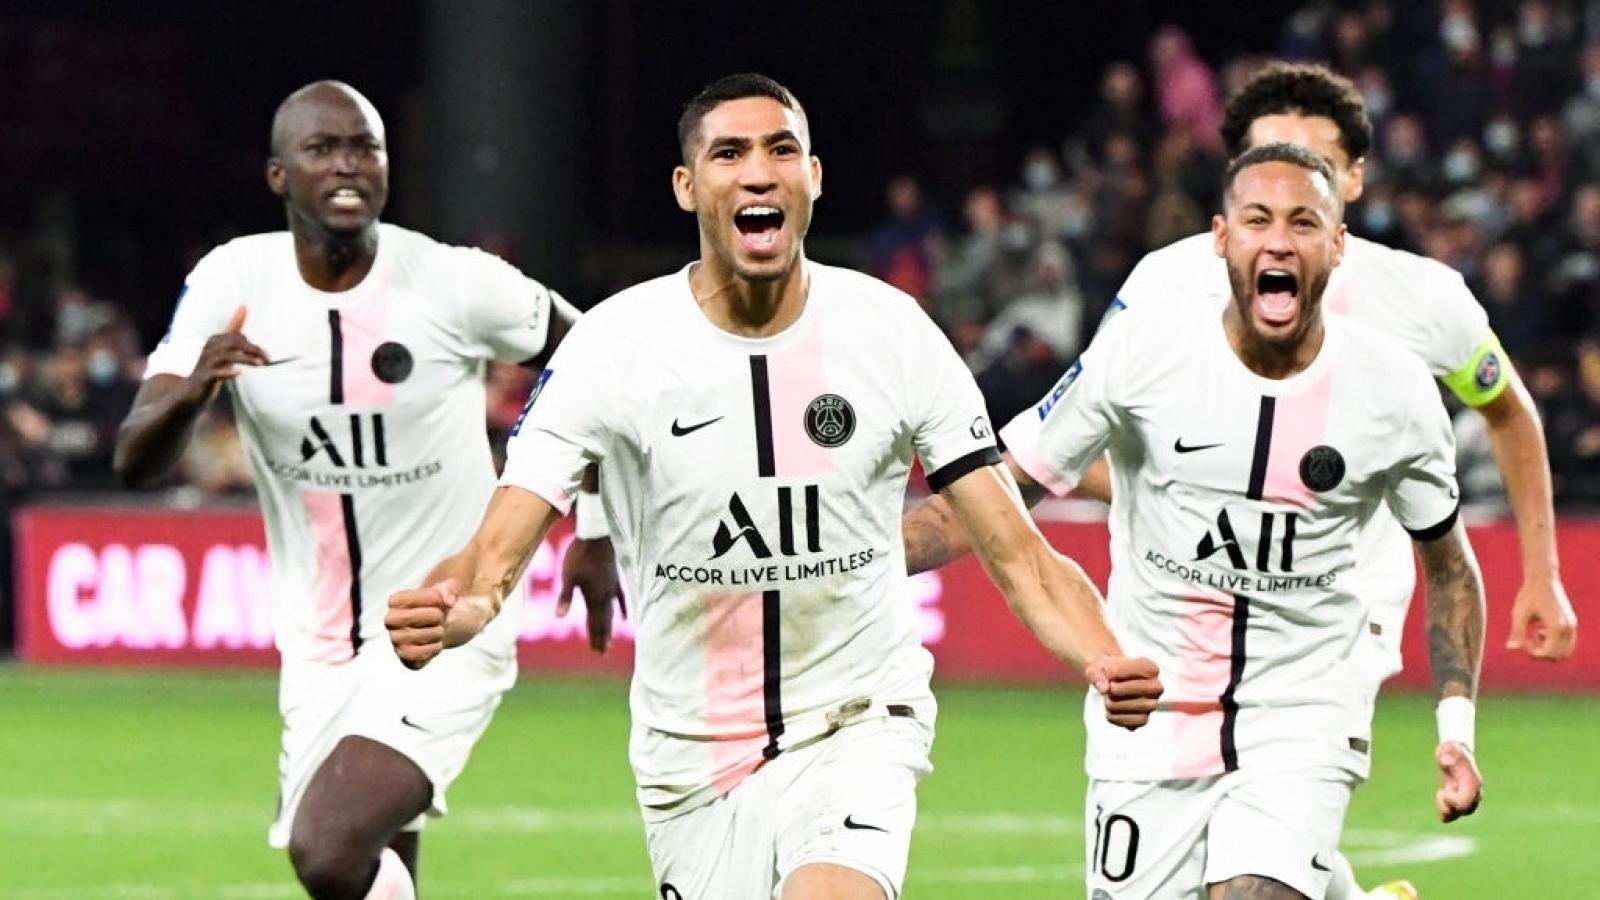 Messi vắng mặt vì chấn thương, PSG suýt mất điểm trước đội cuối bảng Ligue 1